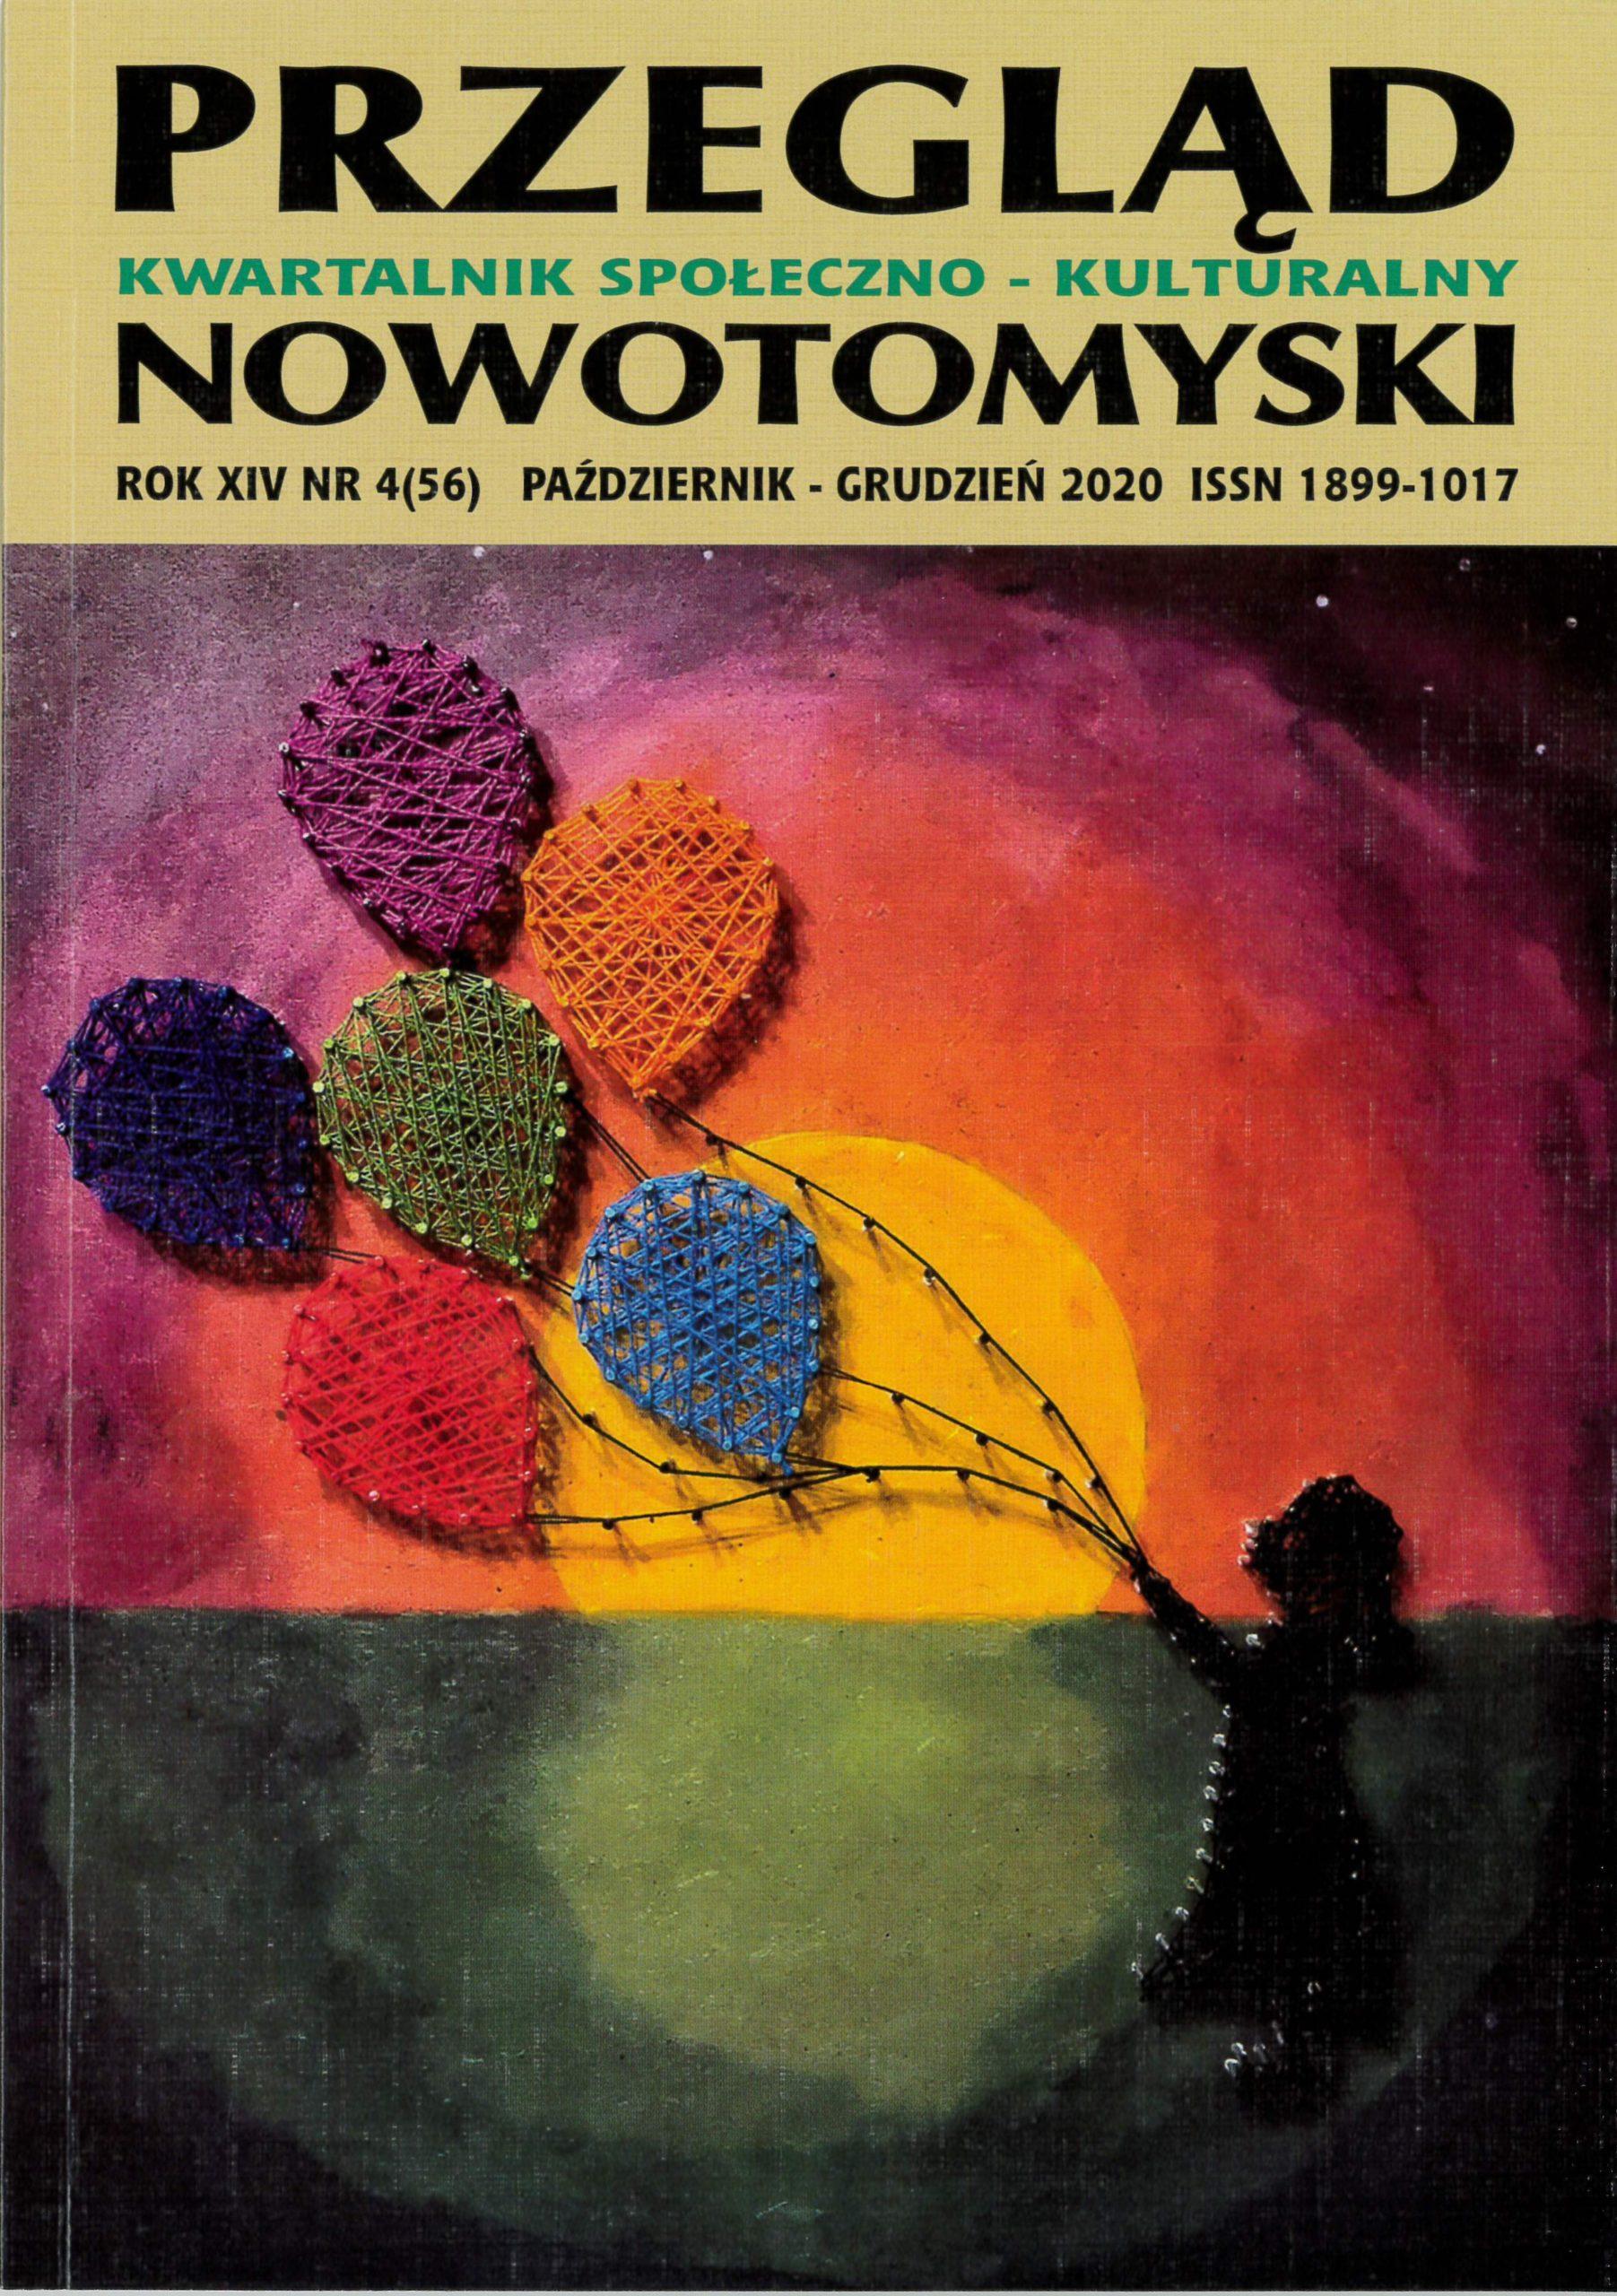 Zapraszamy do lektury nowego numeru Przeglądu Nowotomyskiego